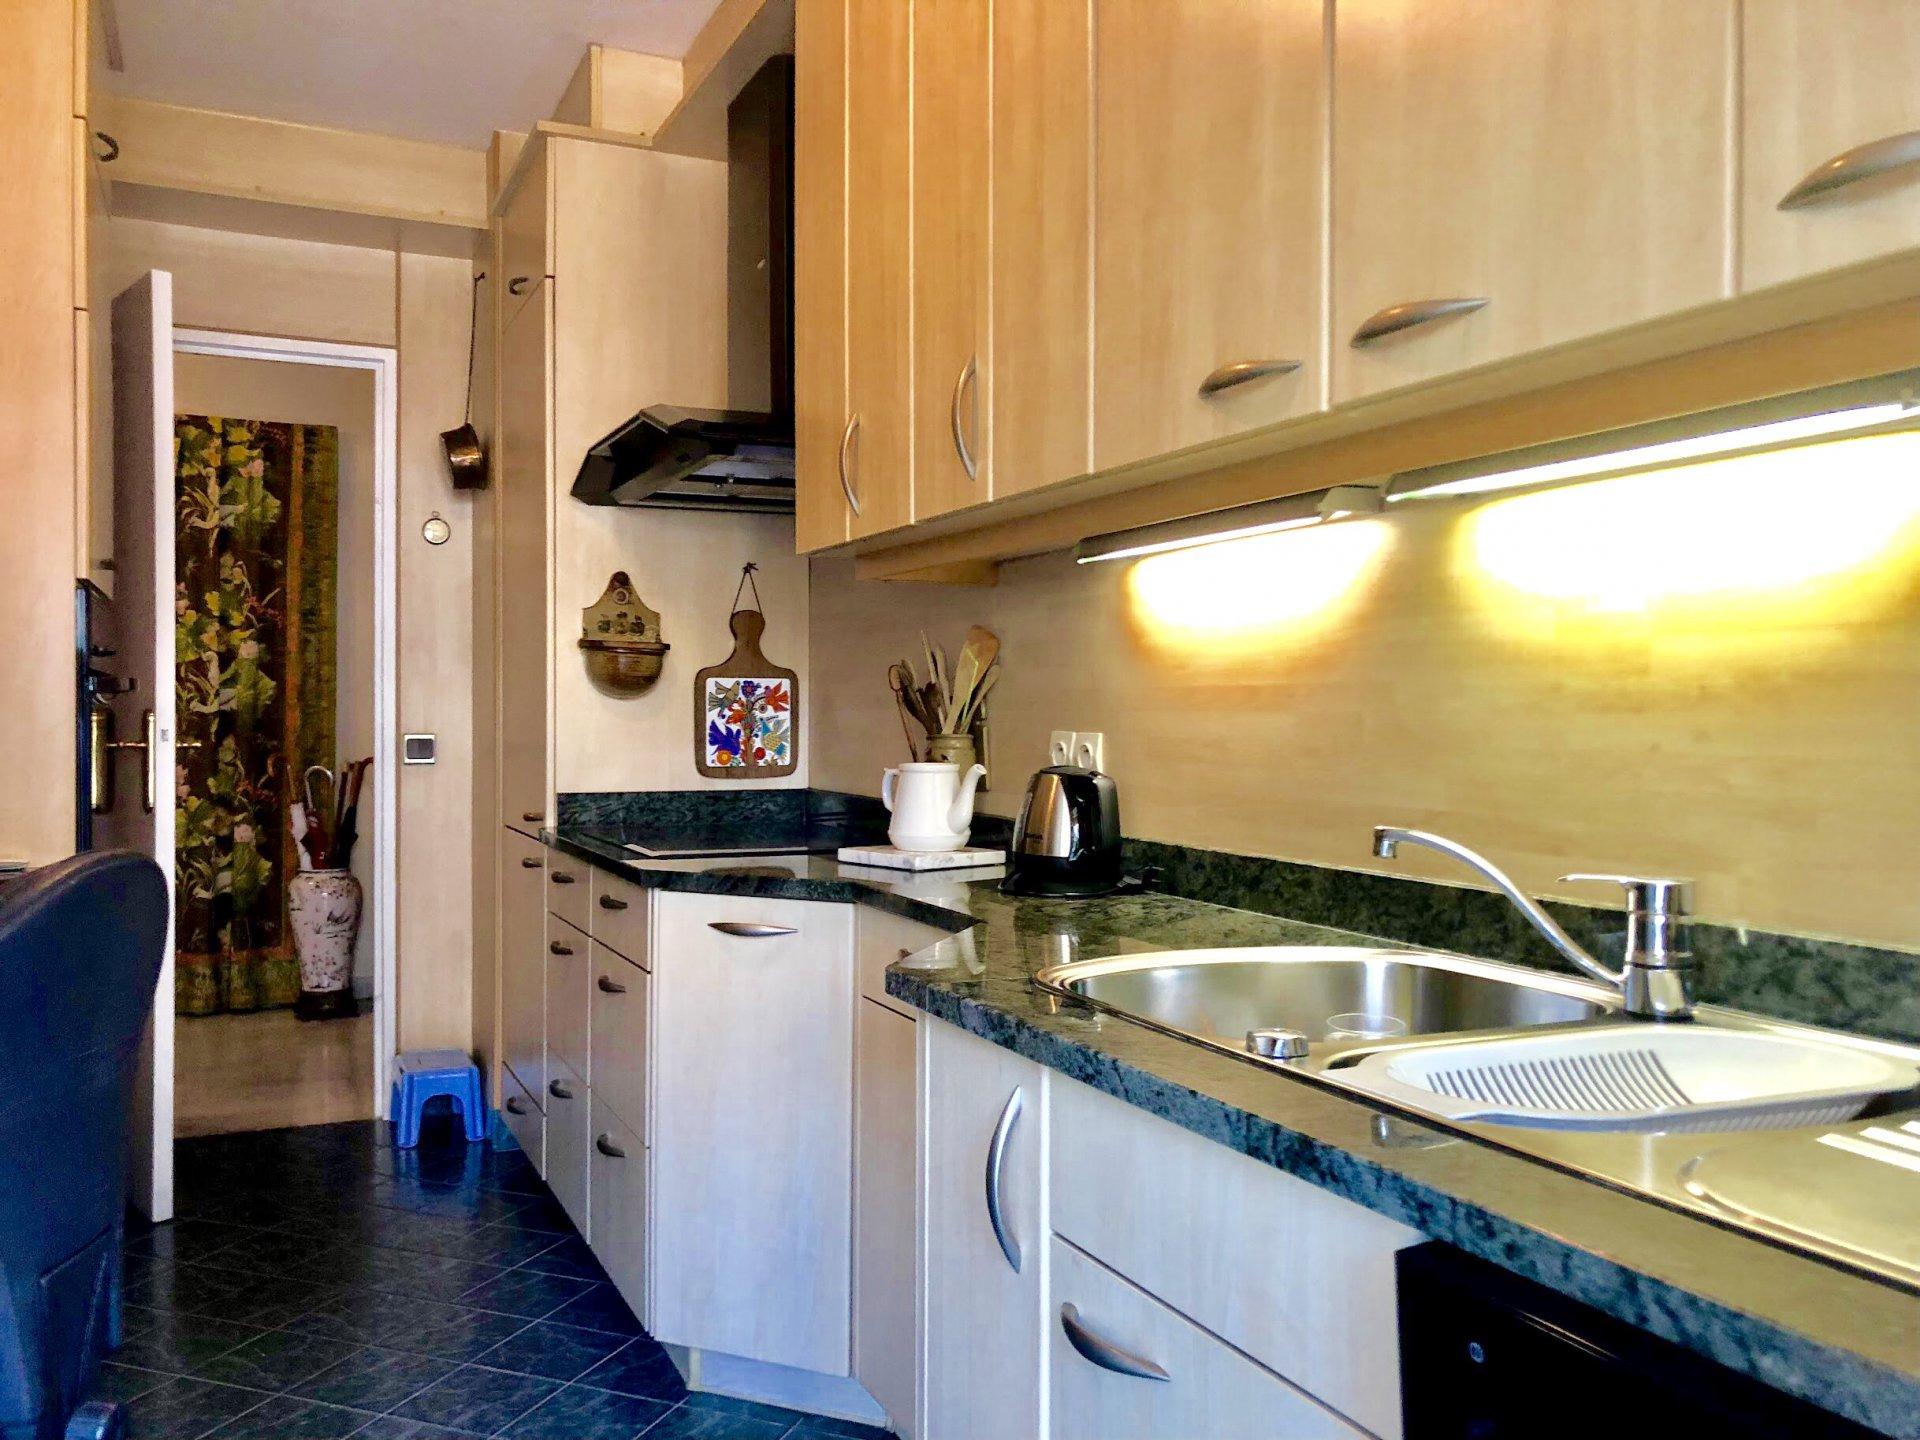 Appartement 3 pièces 68 m2 - Terrasse 40 m2